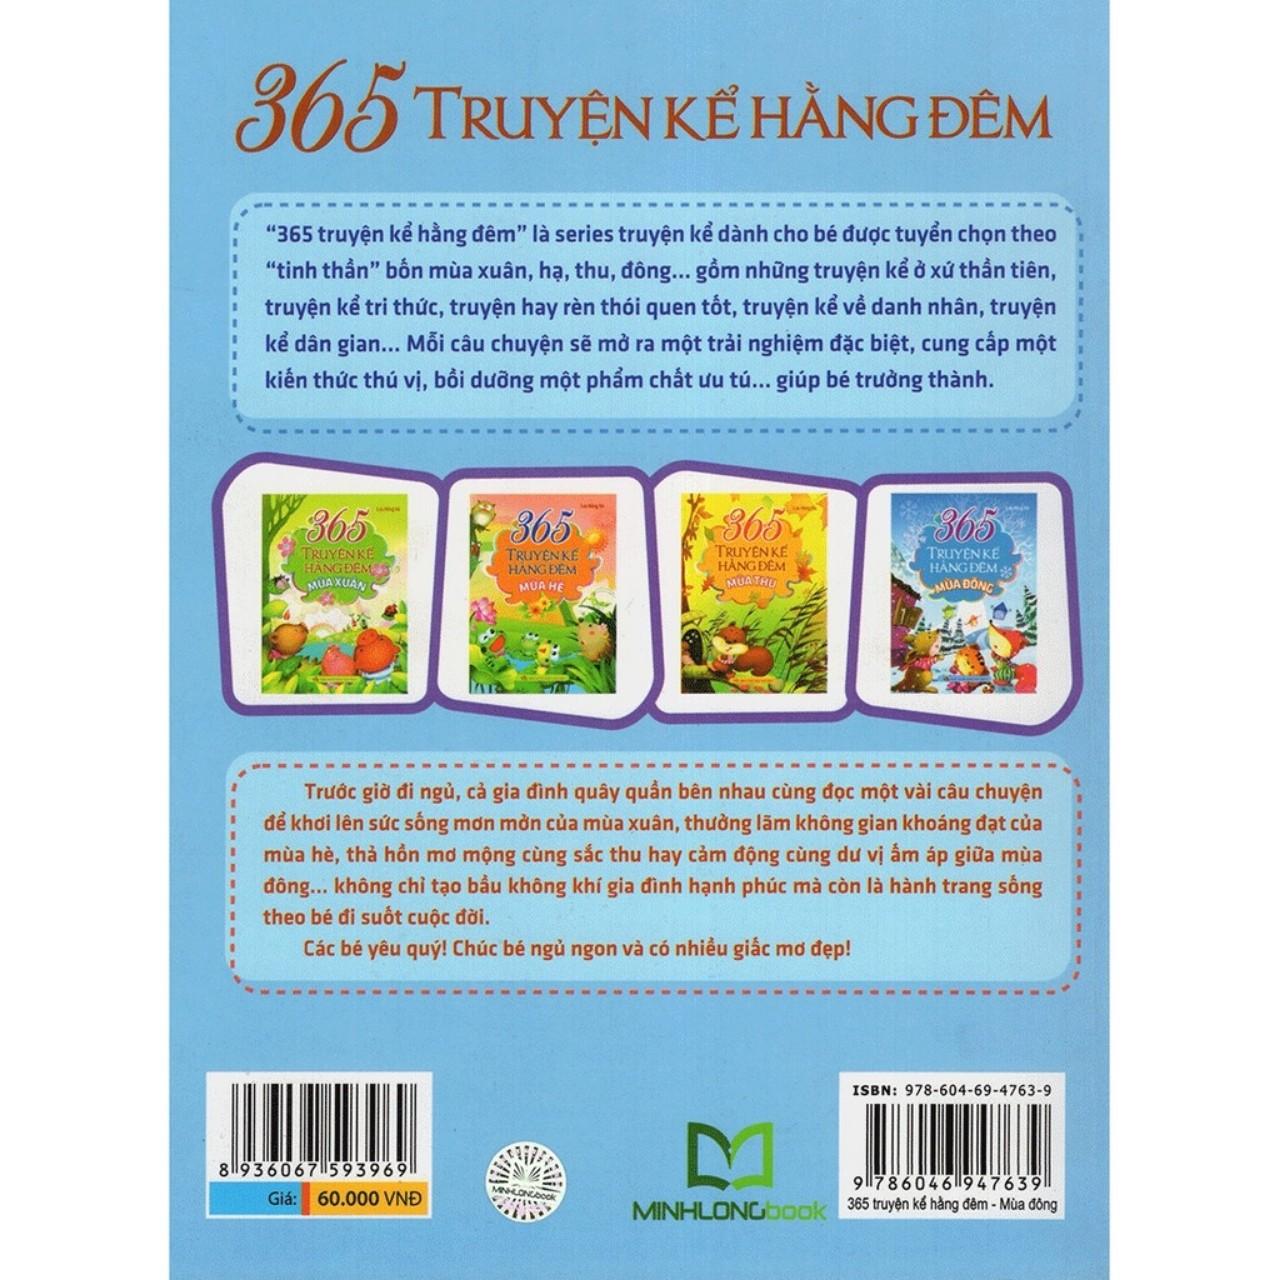 Combo Sách Truyện Thiếu Nhi 365 Truyện Kể Hằng Đêm( 4 cuốn)